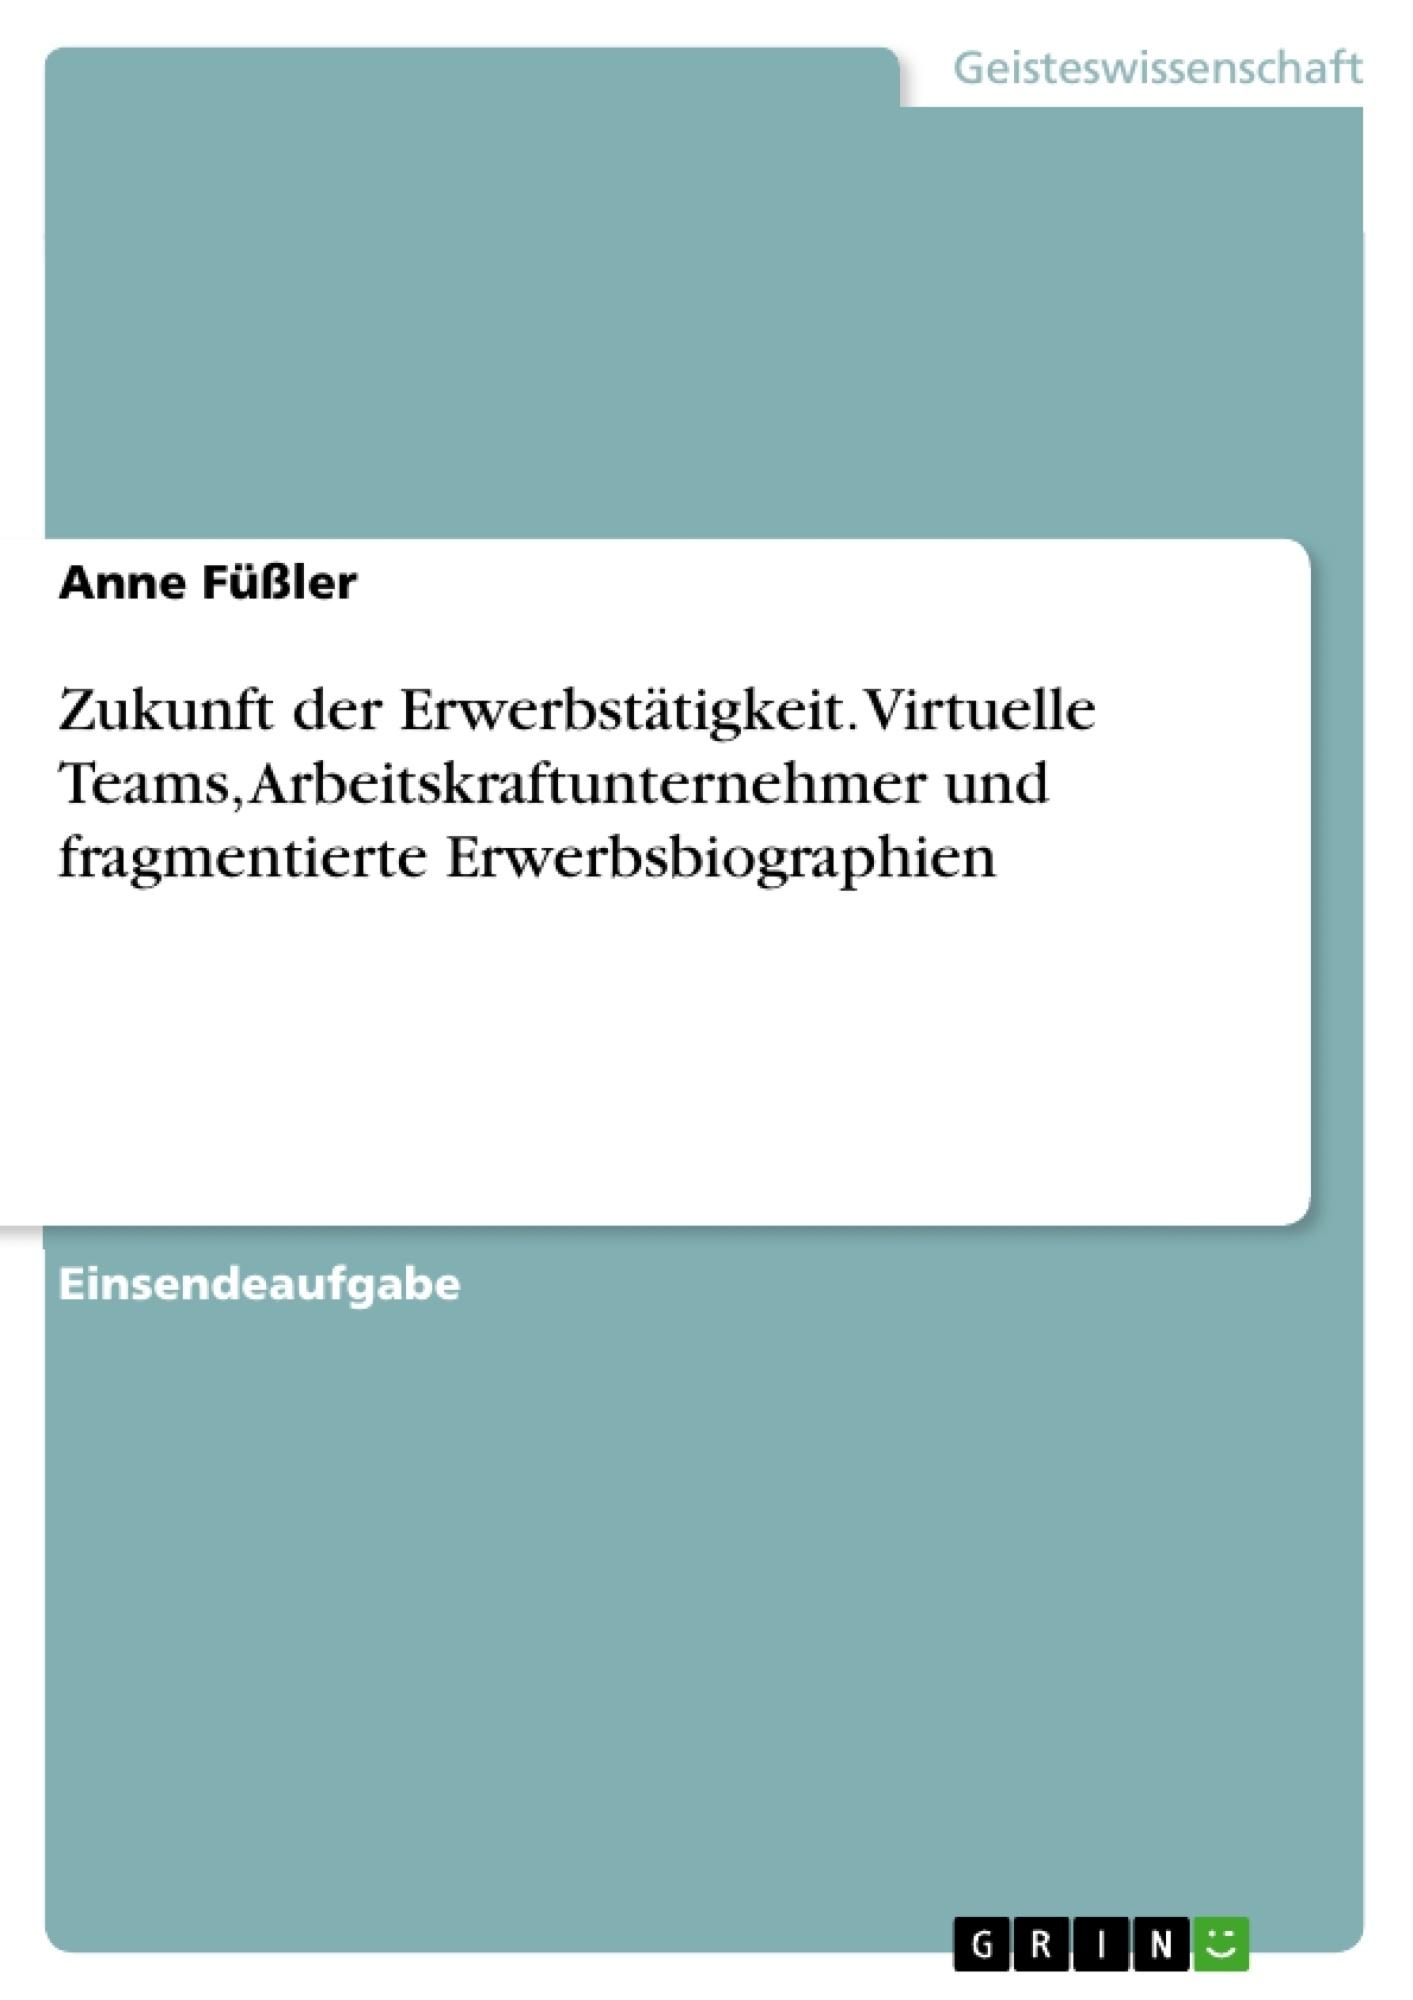 Titel: Zukunft der Erwerbstätigkeit. Virtuelle Teams, Arbeitskraftunternehmer und fragmentierte Erwerbsbiographien